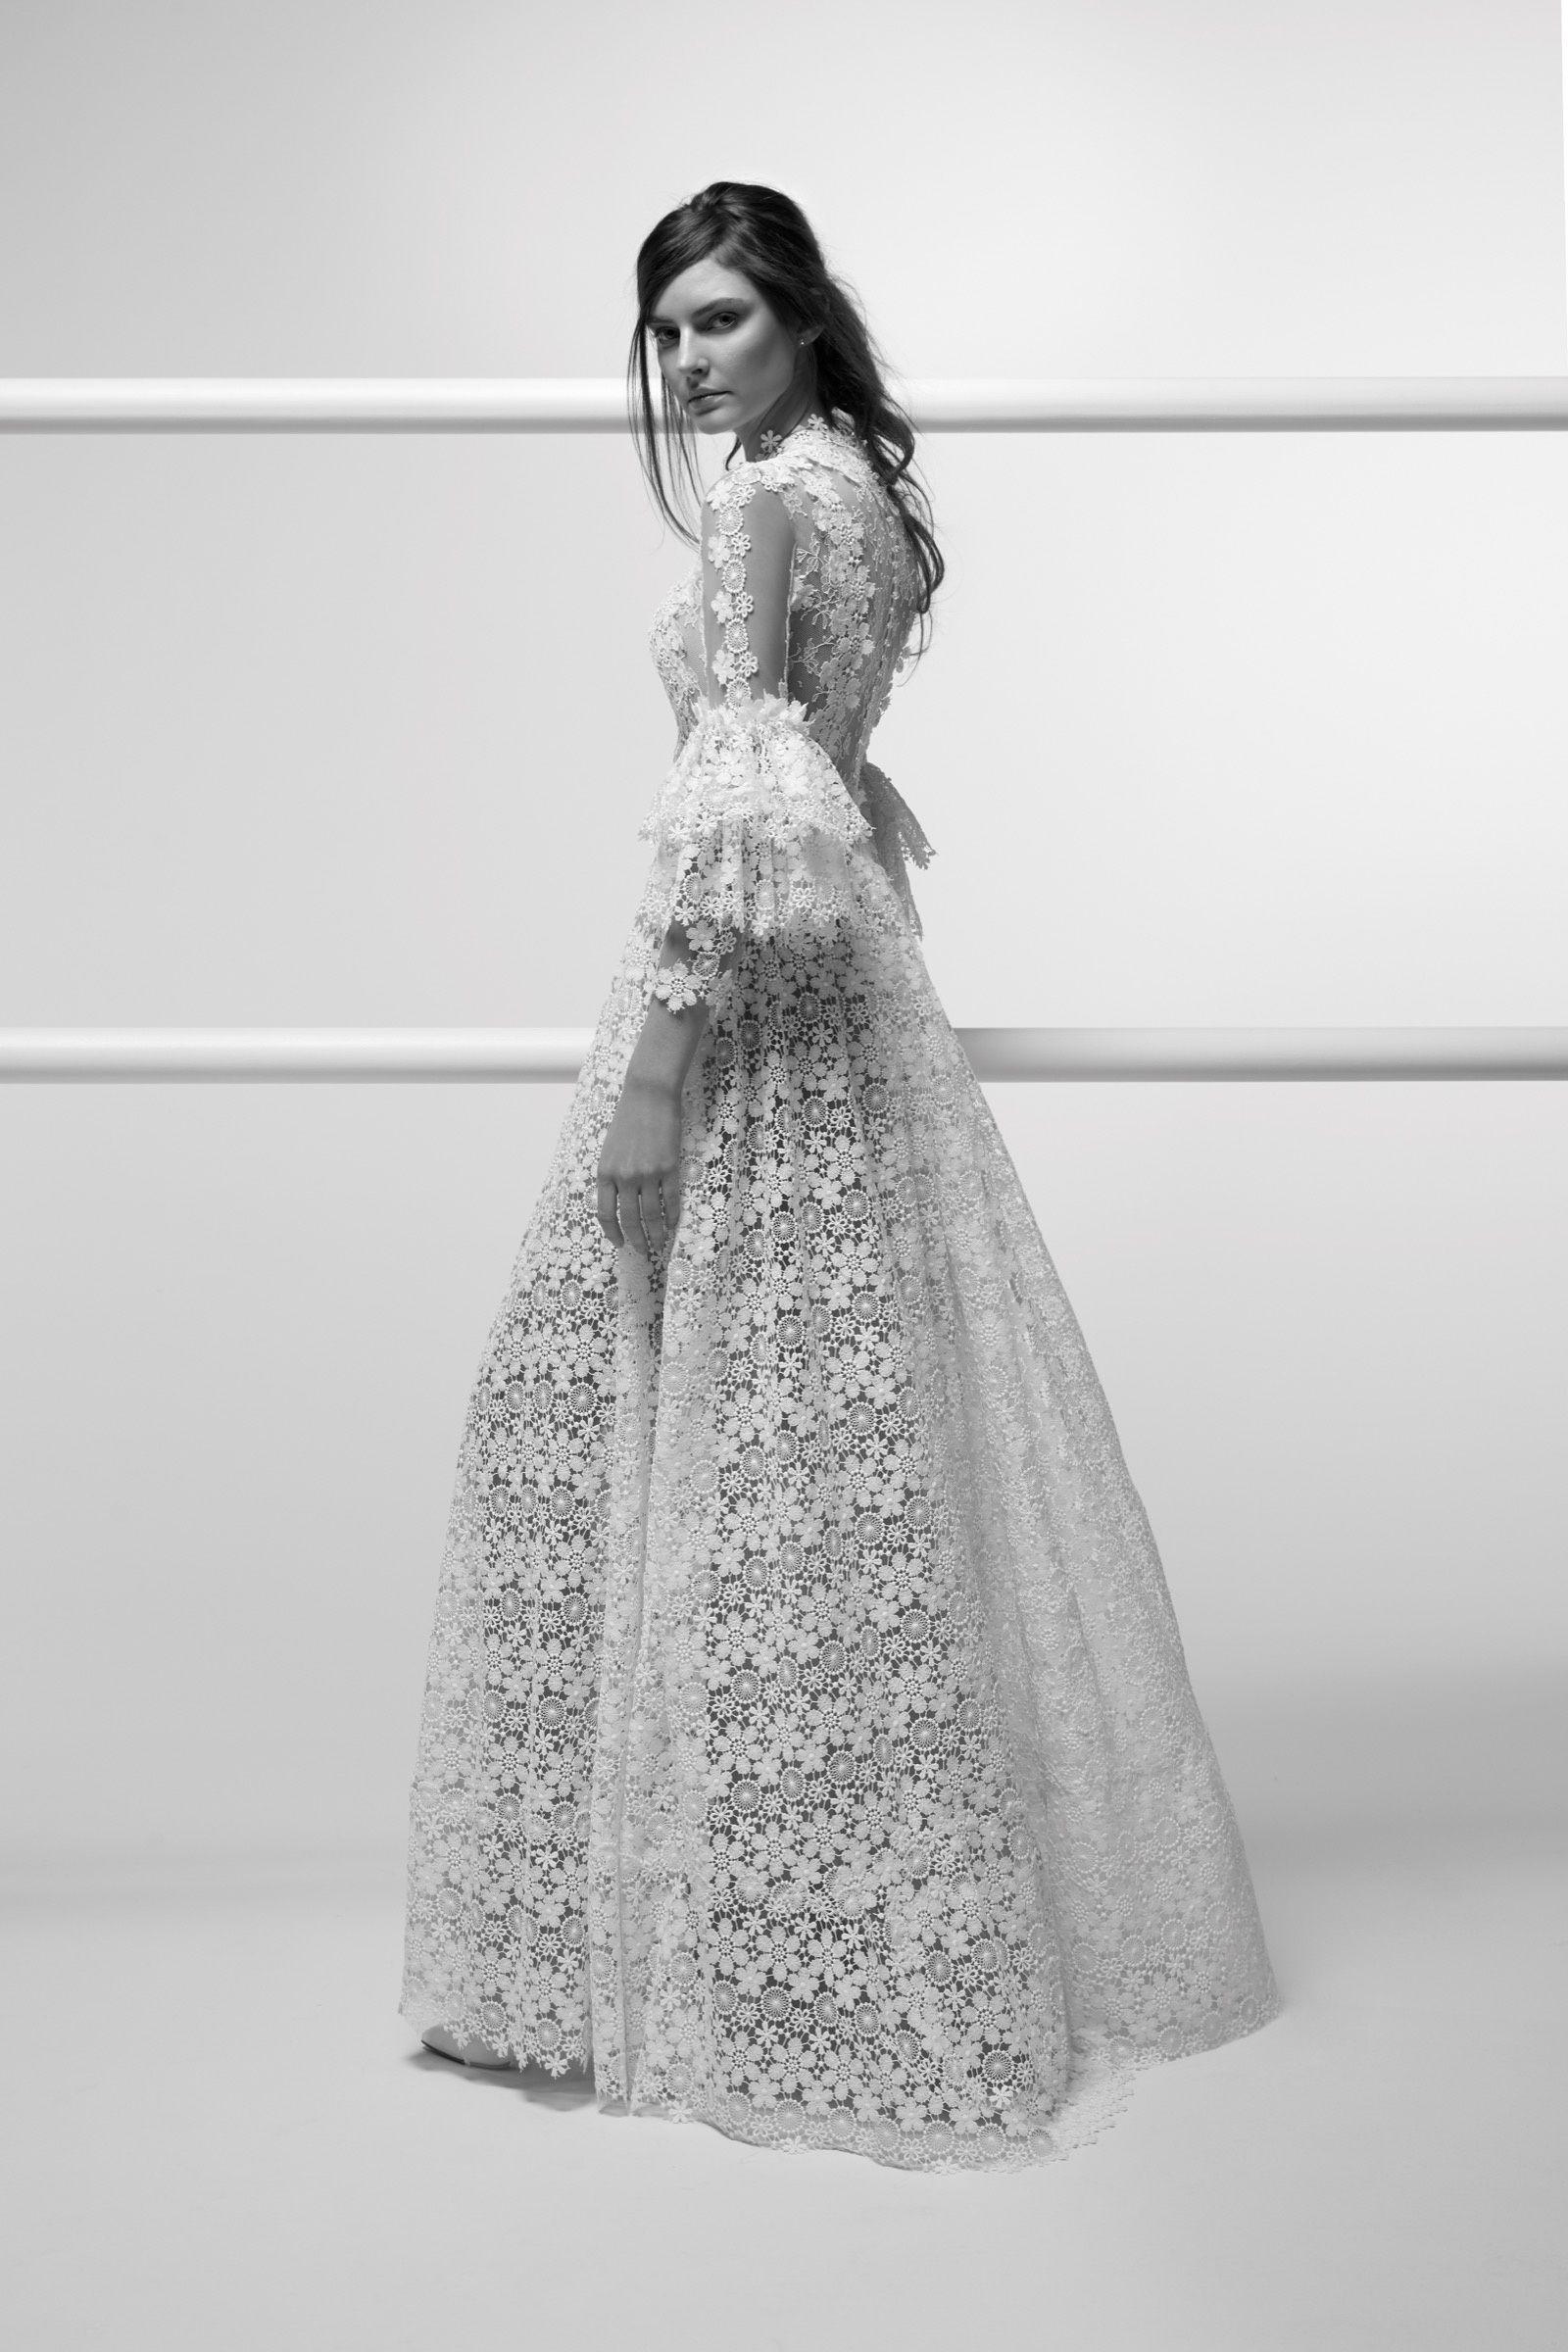 Moda sposa 2019 - Collezione ALESSANDRARINAUDO. ALLEGRA 209ARAB19755. Abito  da sposa Nicole. d4276ff011c